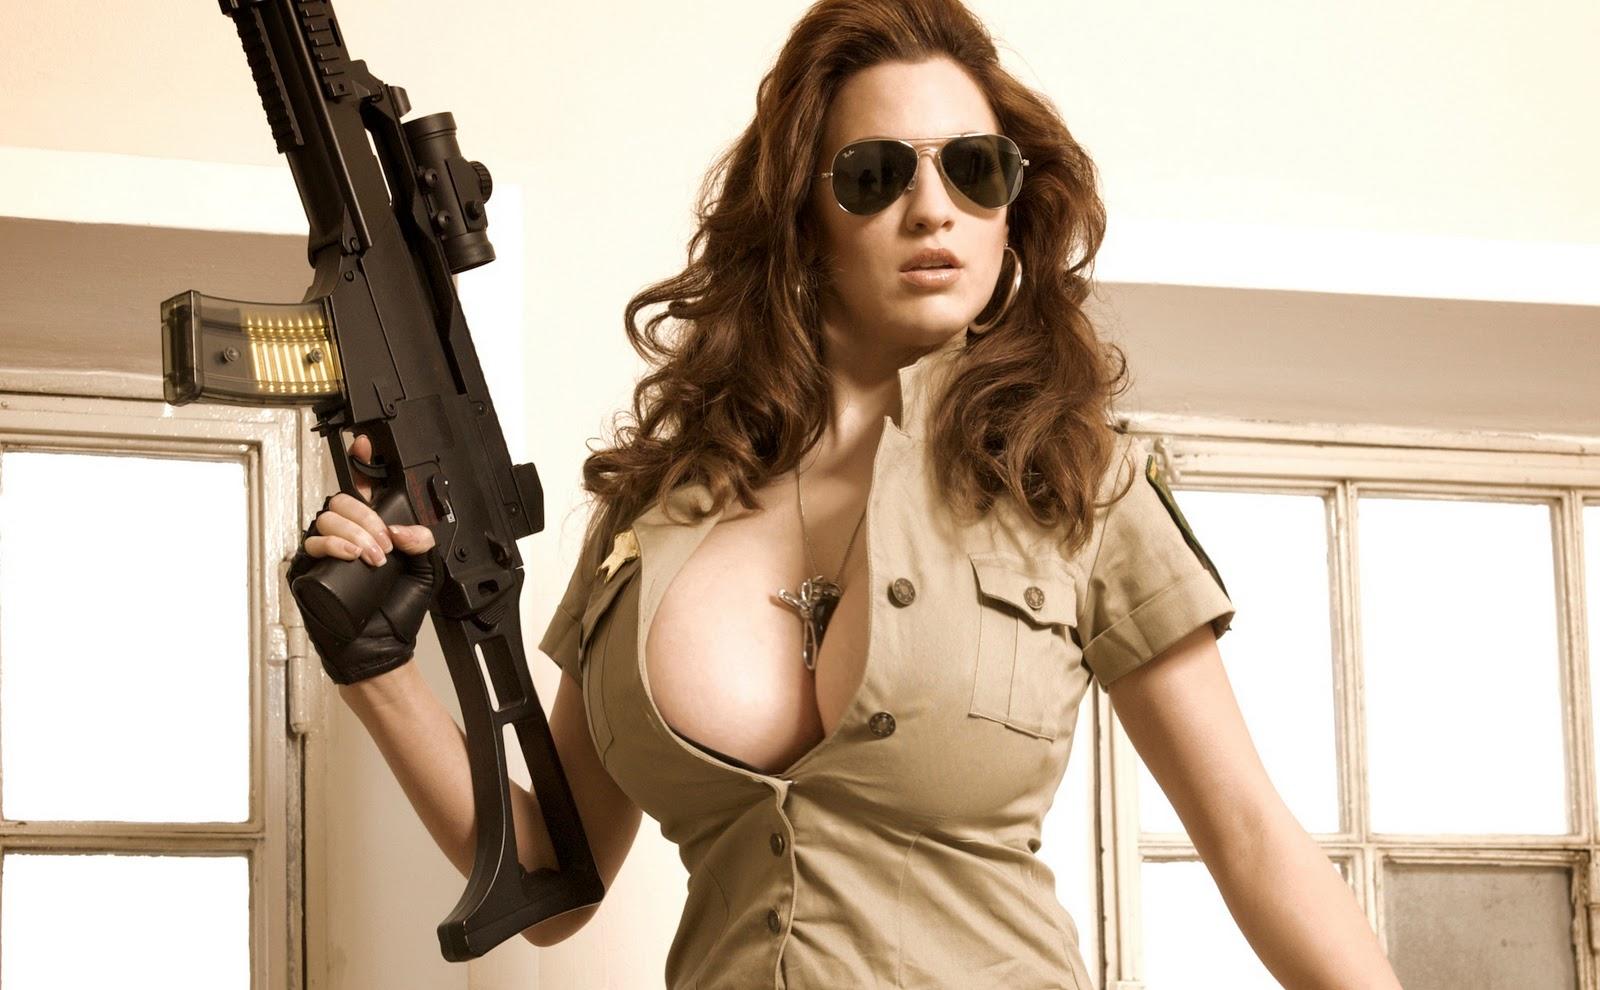 http://4.bp.blogspot.com/-NTDwWgWUBA8/UHX64r5_PdI/AAAAAAAAB9Y/NMklF6rRgTw/s1600/busty-military-girl-wallpaper.jpg